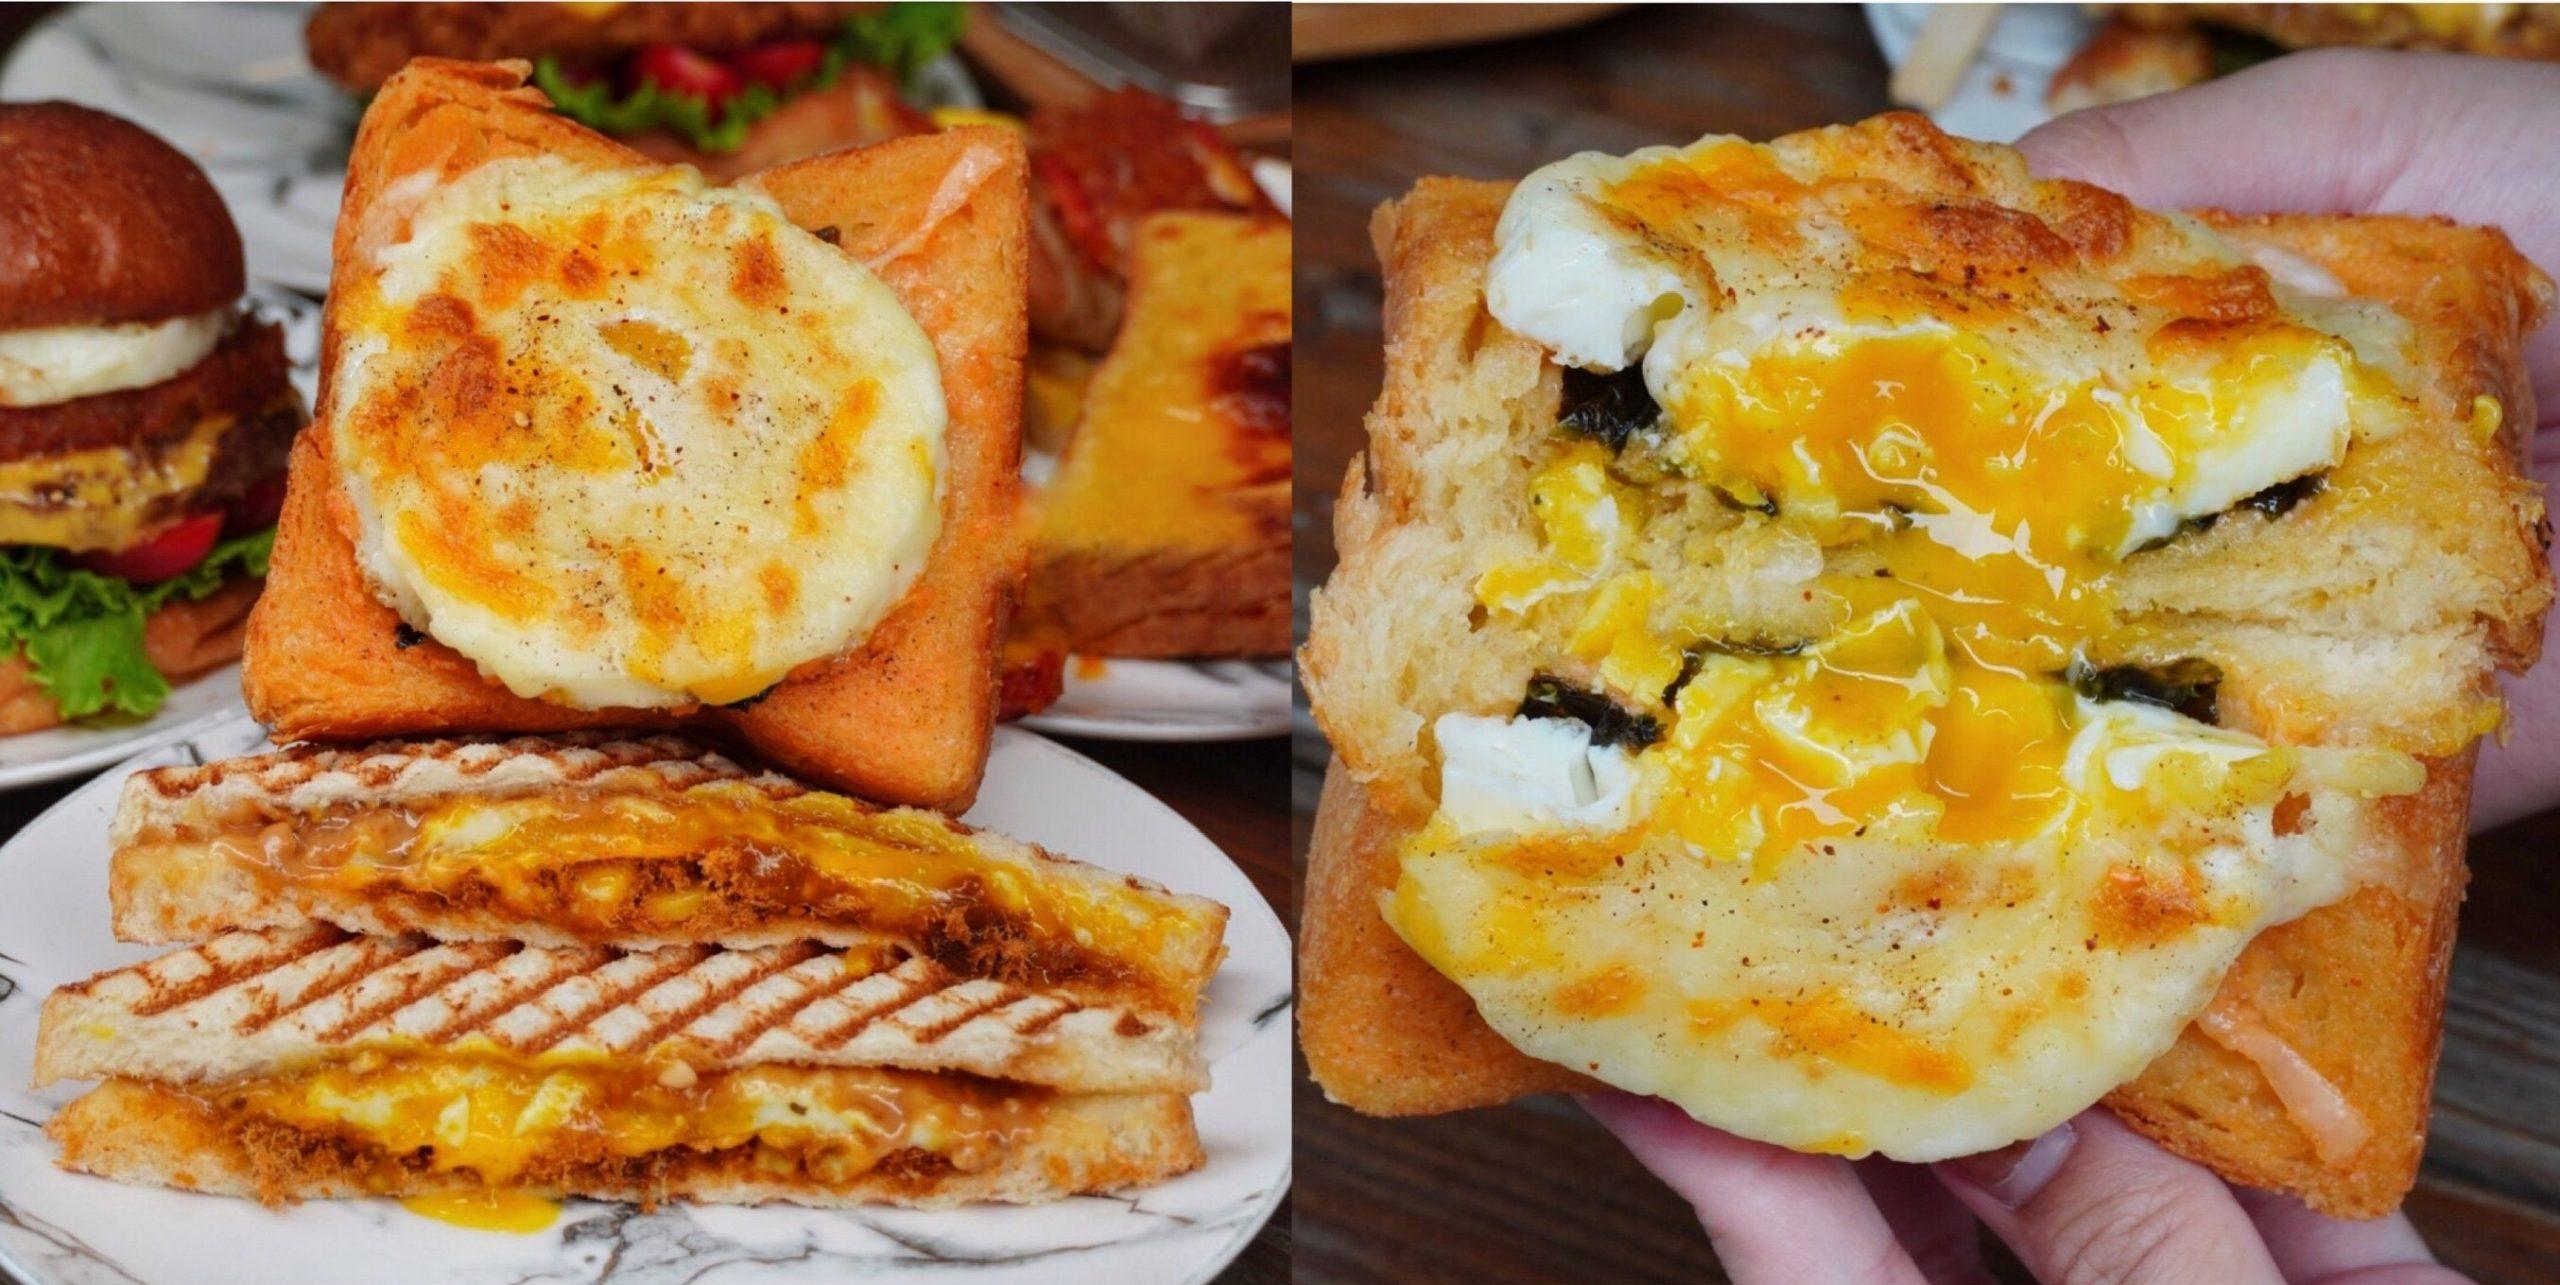 【嘉義早午餐推薦】土佐手作 爆漿蛋液+起司焗烤好邪惡!超過70種多種創意餐點選擇 每道都無雷|嘉義東區美食